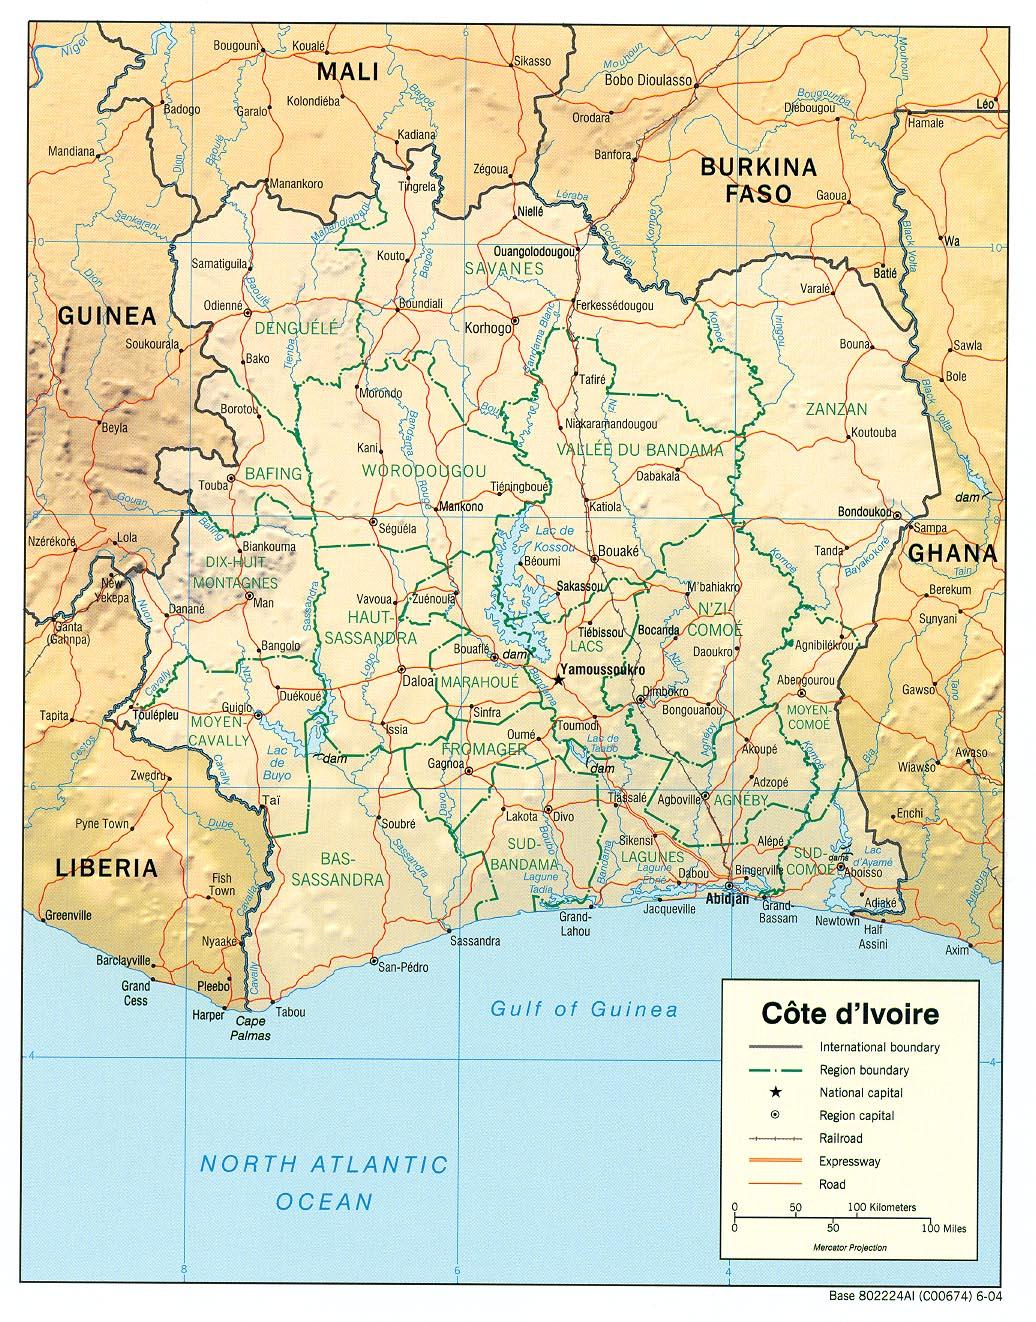 Mapa de Relieve Sombreado de C么te d'Ivoire